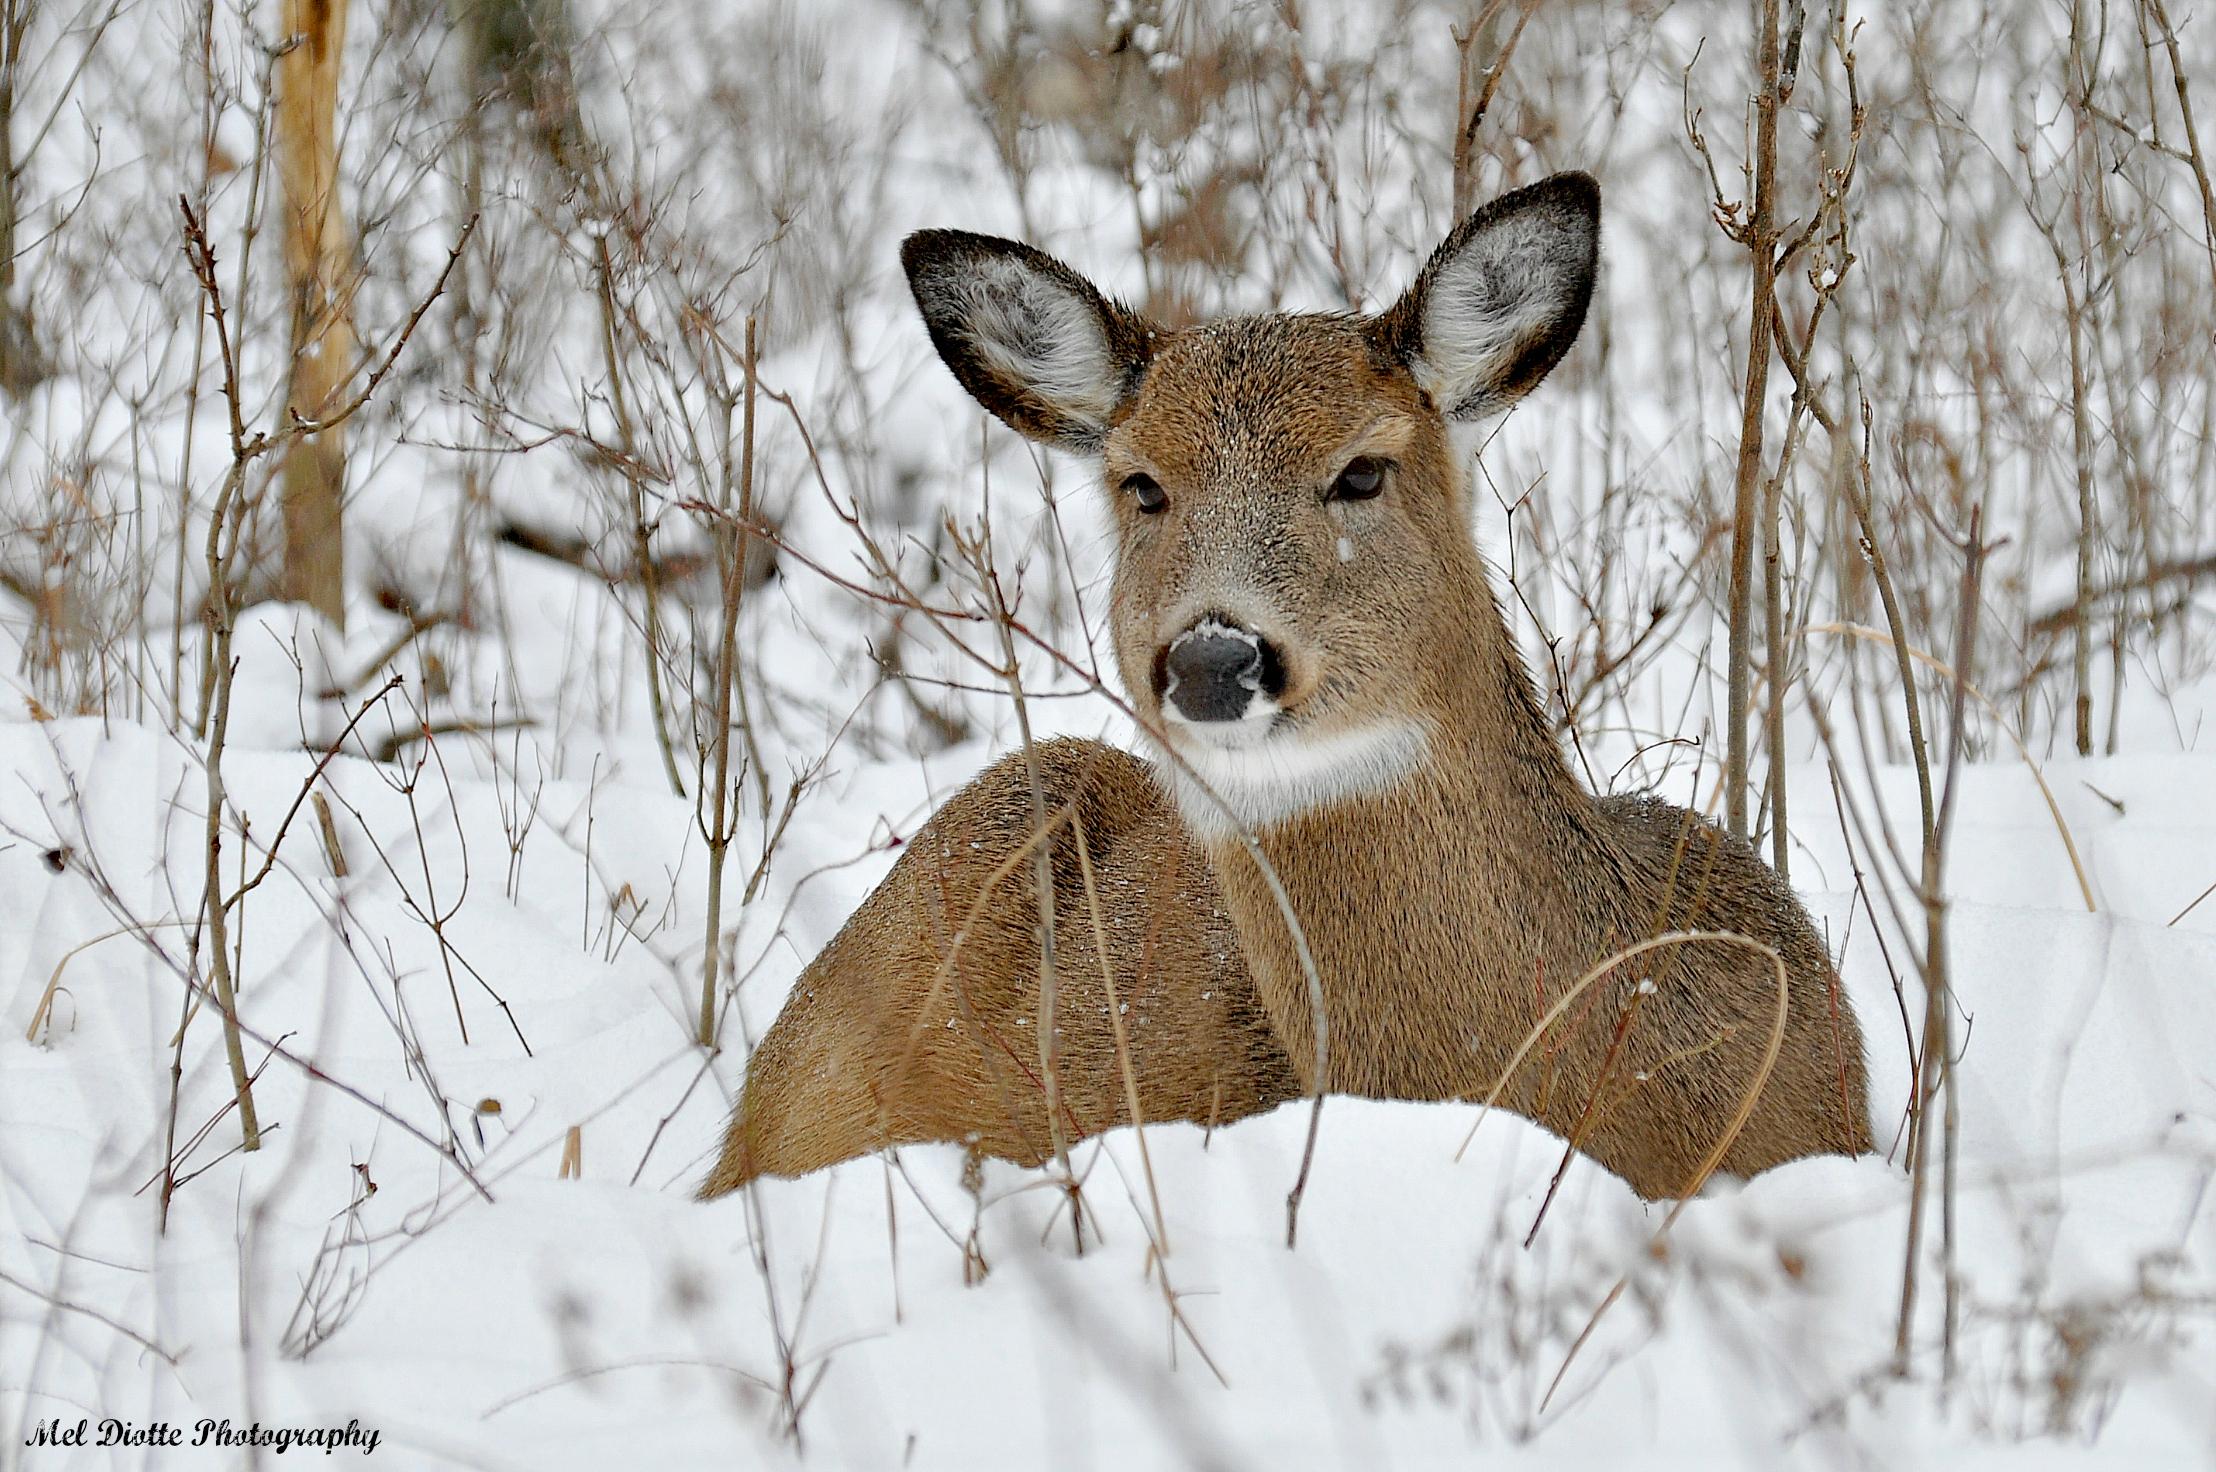 whitetail deer in snow - Copy.jpg